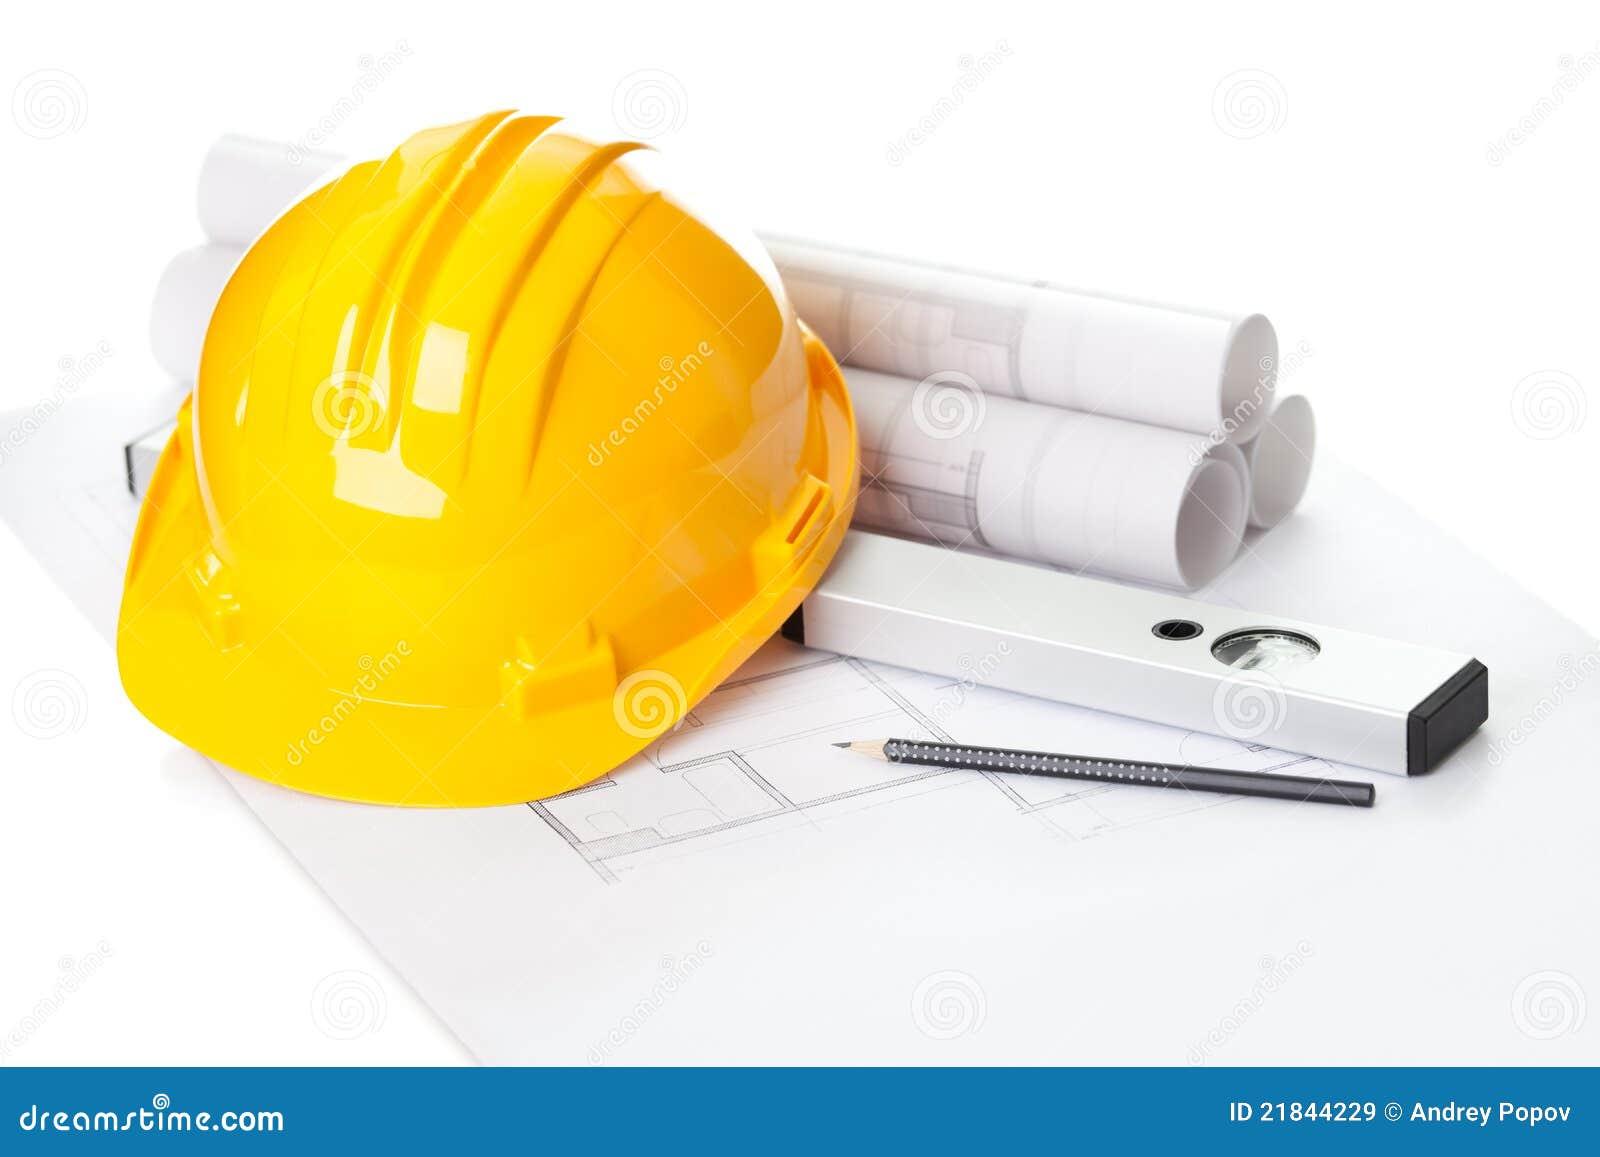 9a18f14d7 Casco Amarillo En Plan De La Construcción Del Proyecto De La Casa ...